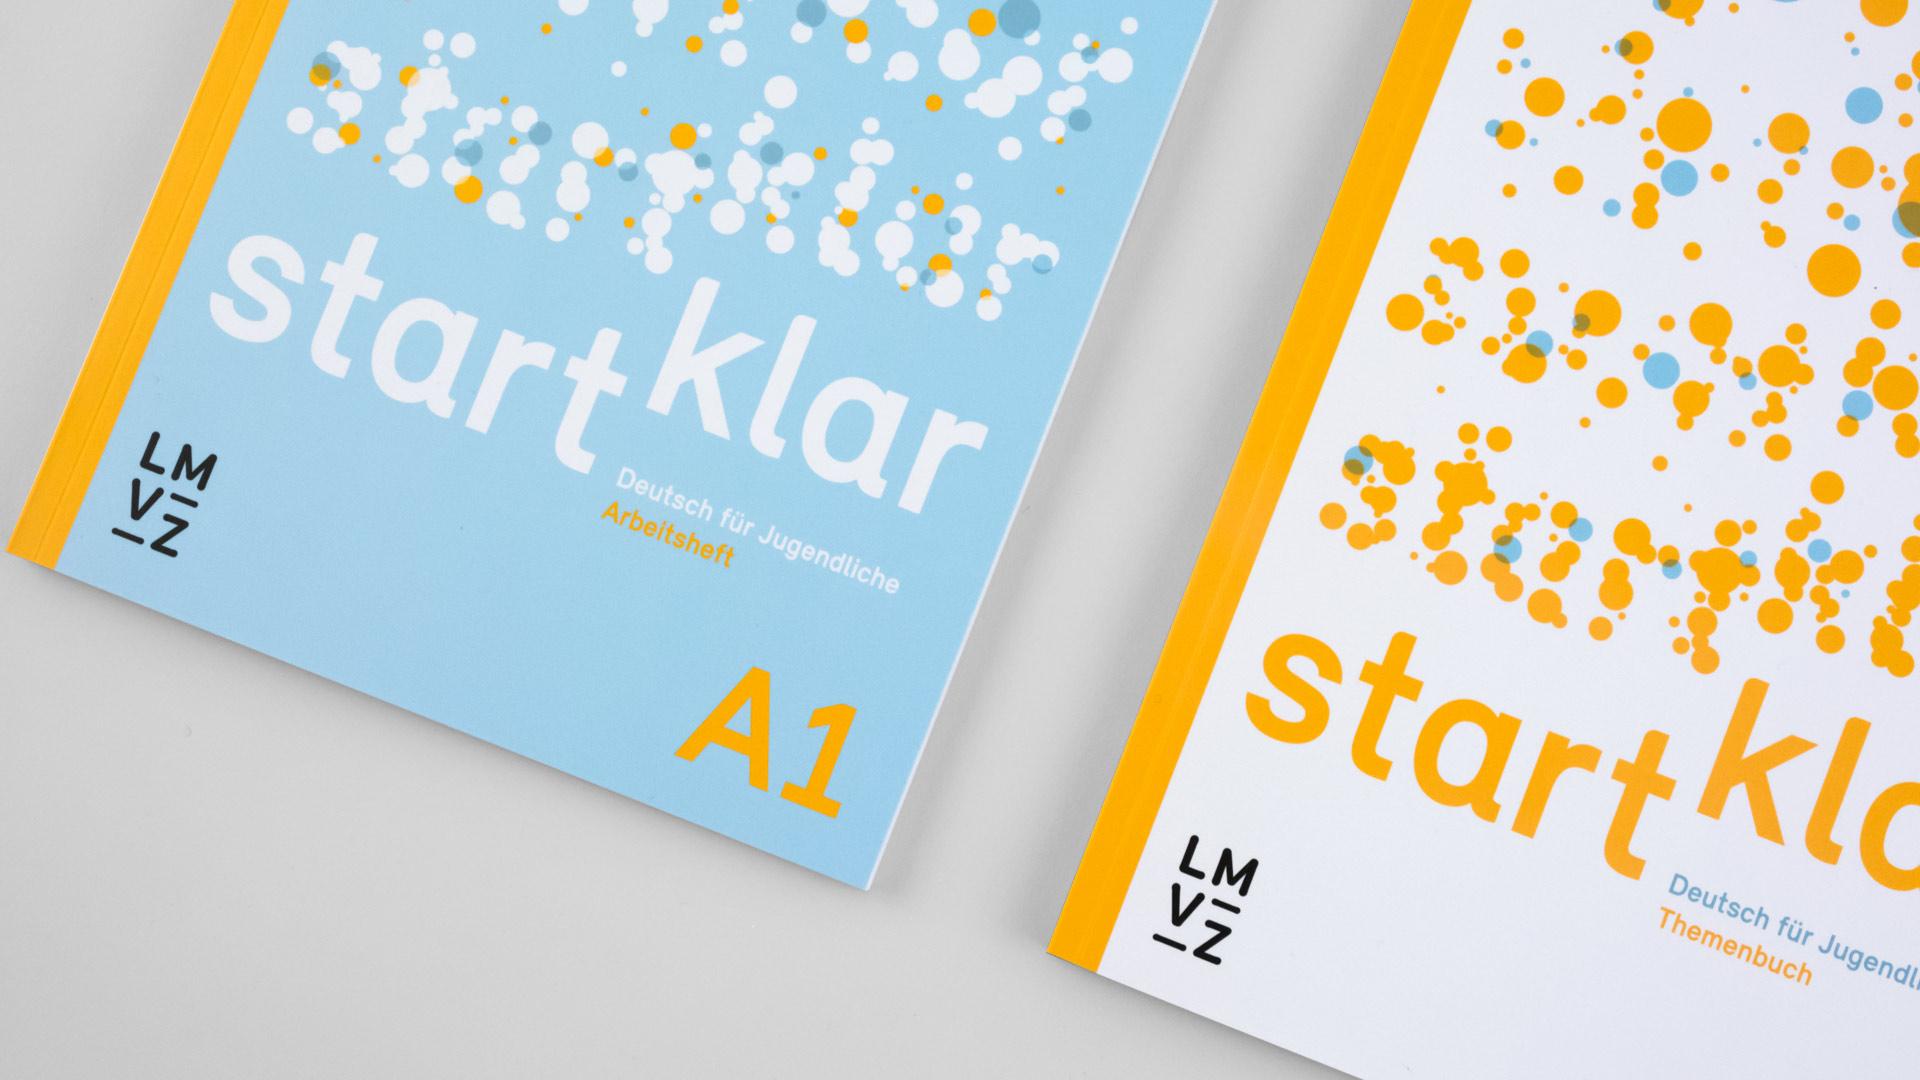 l'équipe [visuelle] – Grafik Werbung Agentur Luzern Emmenbruecke – Lehrmittelverlag-Zuerich – startklar Lehrmittel, Deutsch als Zweitsprache A1